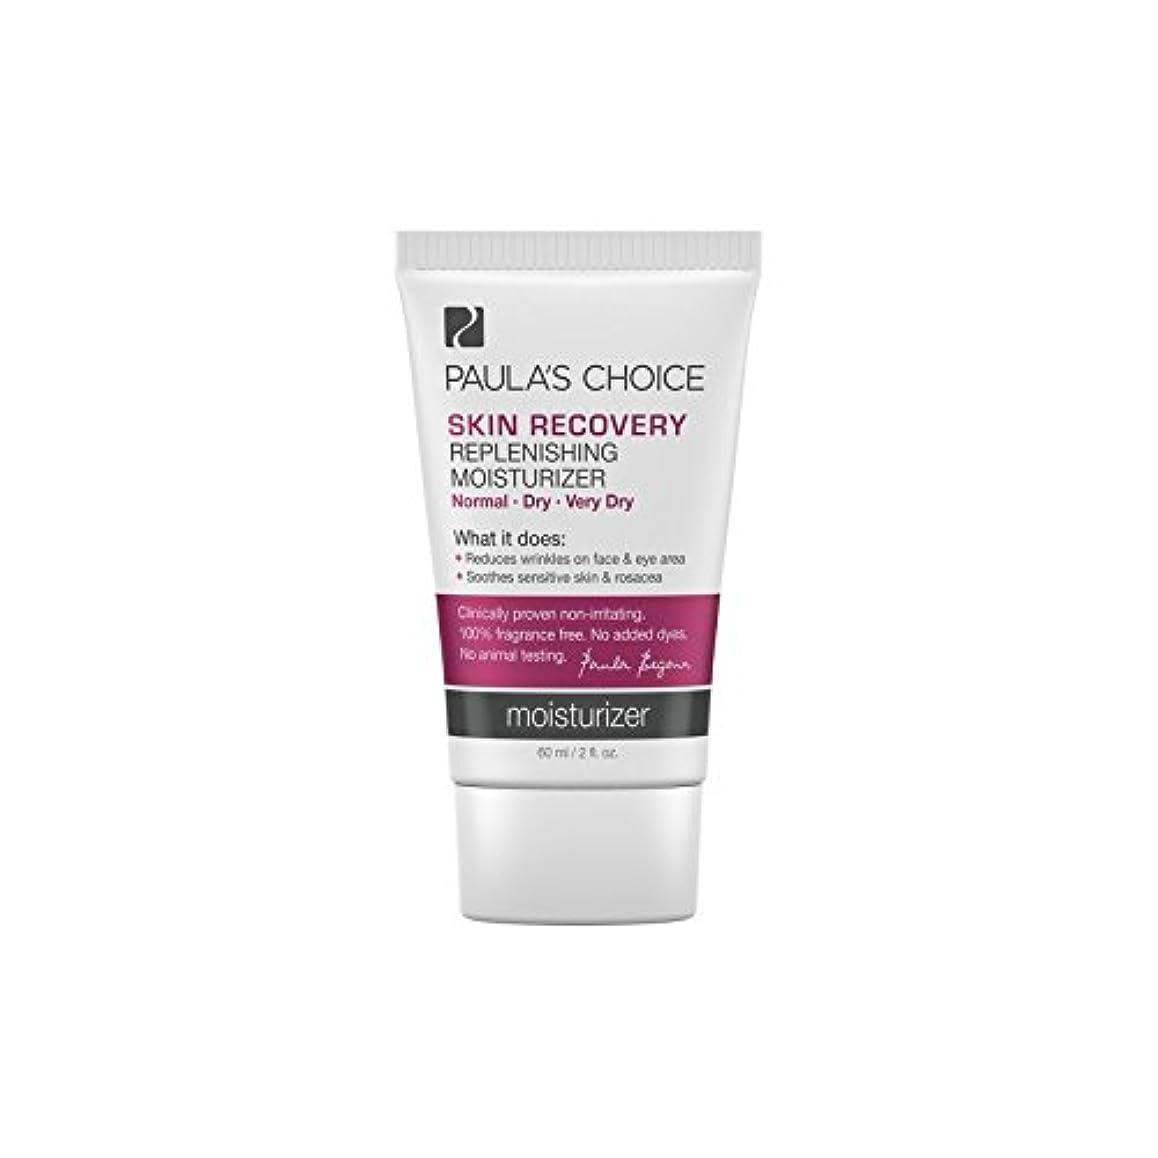 アナリストプロット悪性Paula's Choice Skin Recovery Replenishing Moisturizer (60ml) (Pack of 6) - ポーラチョイスの肌の回復補充保湿(60ミリリットル) x6 [並行輸入品]